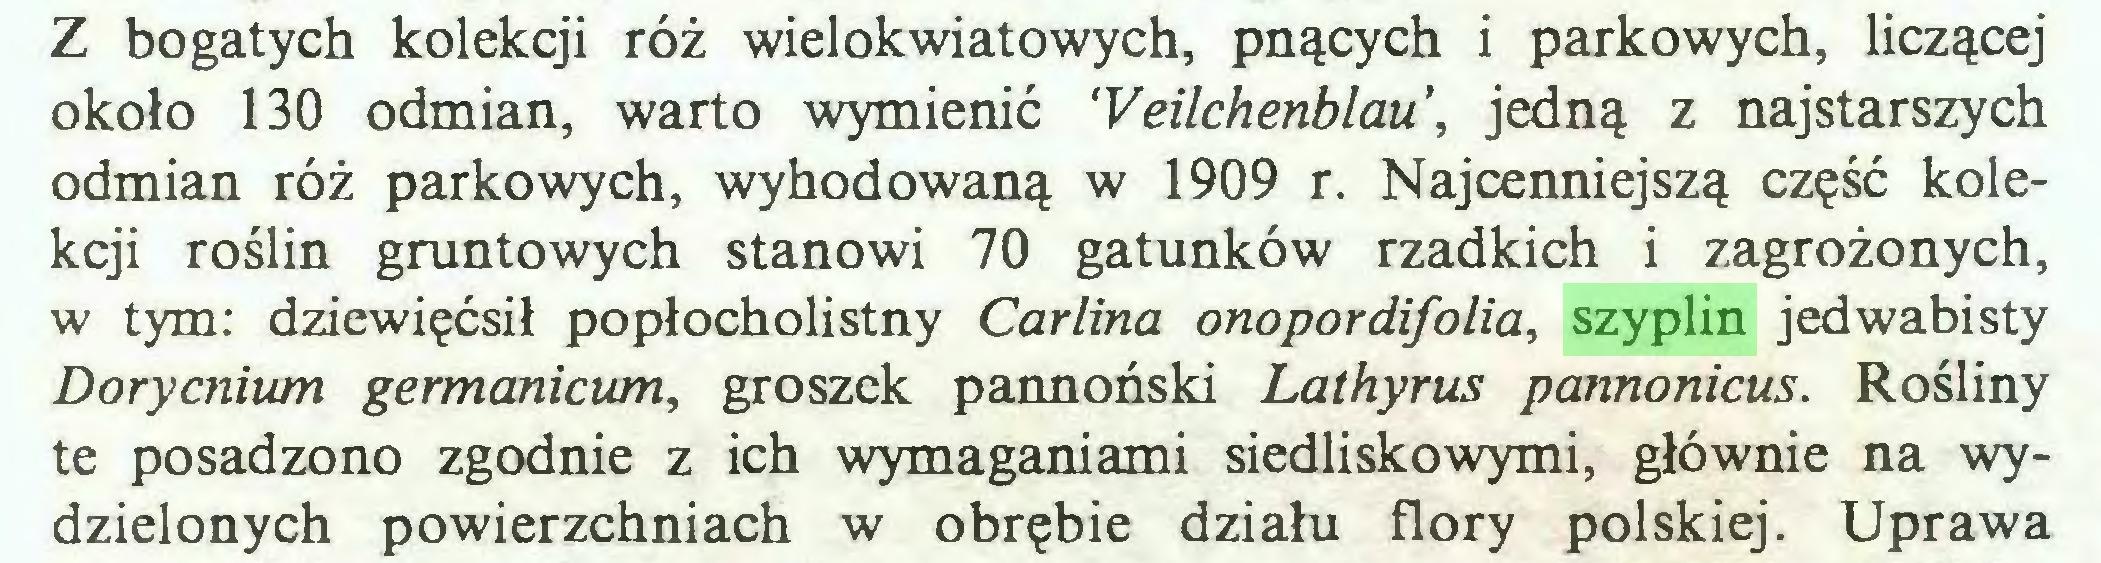 (...) Z bogatych kolekcji róż wielokwiatowych, pnących i parkowych, liczącej około 130 odmian, warto wymienić 'Veilchenblau, jedną z najstarszych odmian róż parkowych, wyhodowaną w 1909 r. Najcenniejszą część kolekcji roślin gruntowych stanowi 70 gatunków rzadkich i zagrożonych, w tym: dziewięćsił popłocholistny Carlina onopordifolia, szyplin jedwabisty Dorycnium germanicum, groszek pannoński Lathyrus pannonicus. Rośliny te posadzono zgodnie z ich wymaganiami siedliskowymi, głównie na wydzielonych powierzchniach w obrębie działu flory polskiej. Uprawa...